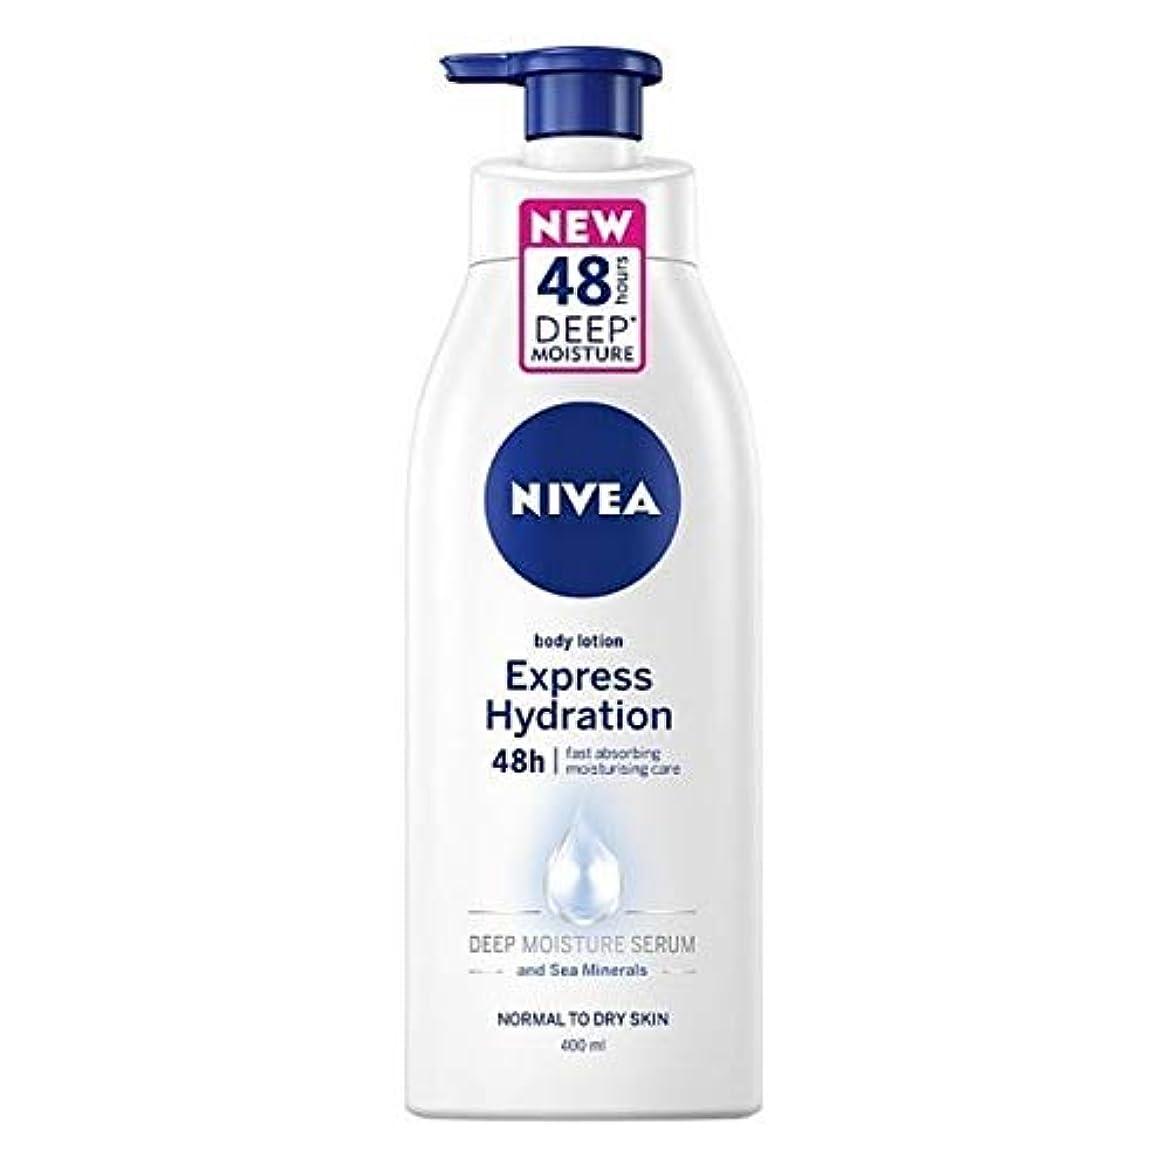 パイよろしくバイナリ[Nivea ] 高速の急行水和ボディローション400ミリリットルを吸収ニベア - NIVEA Fast Absorbing Express Hydration Body Lotion 400ml [並行輸入品]